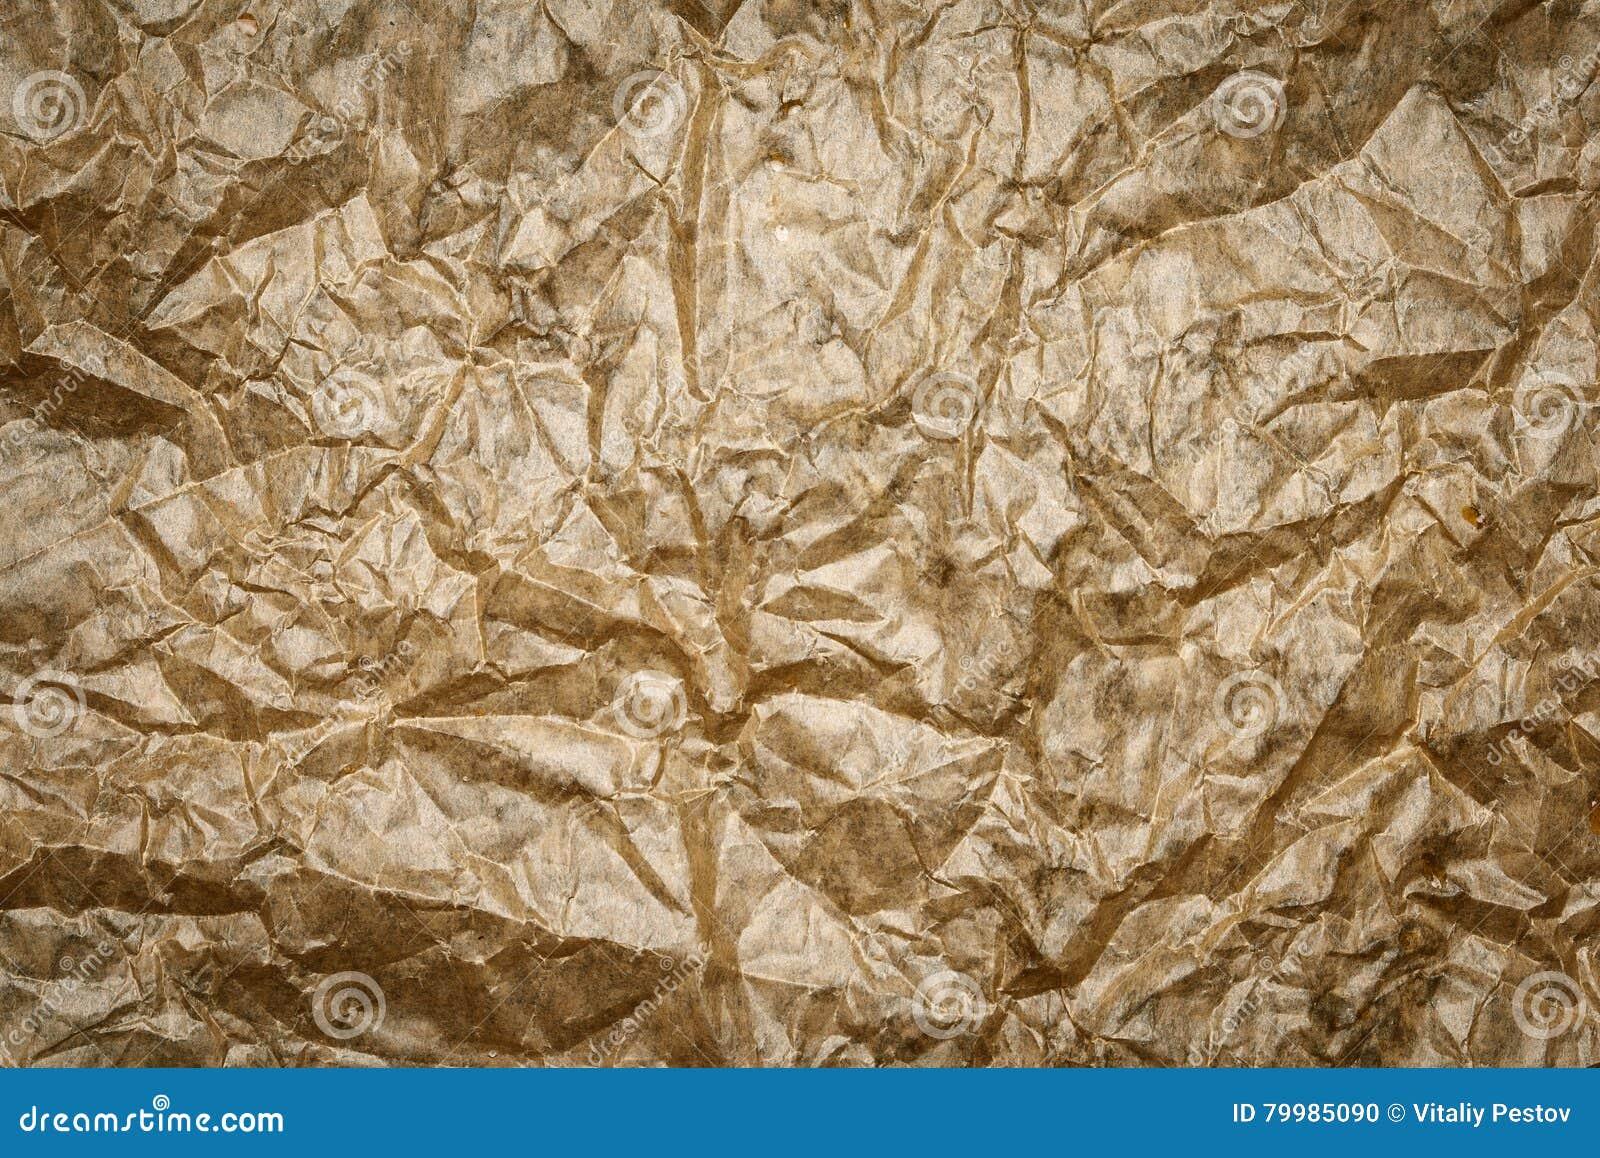 Vecchia struttura sgualcita della pergamena Il fondo di carta beige dello strato, grinza, ha bruciato